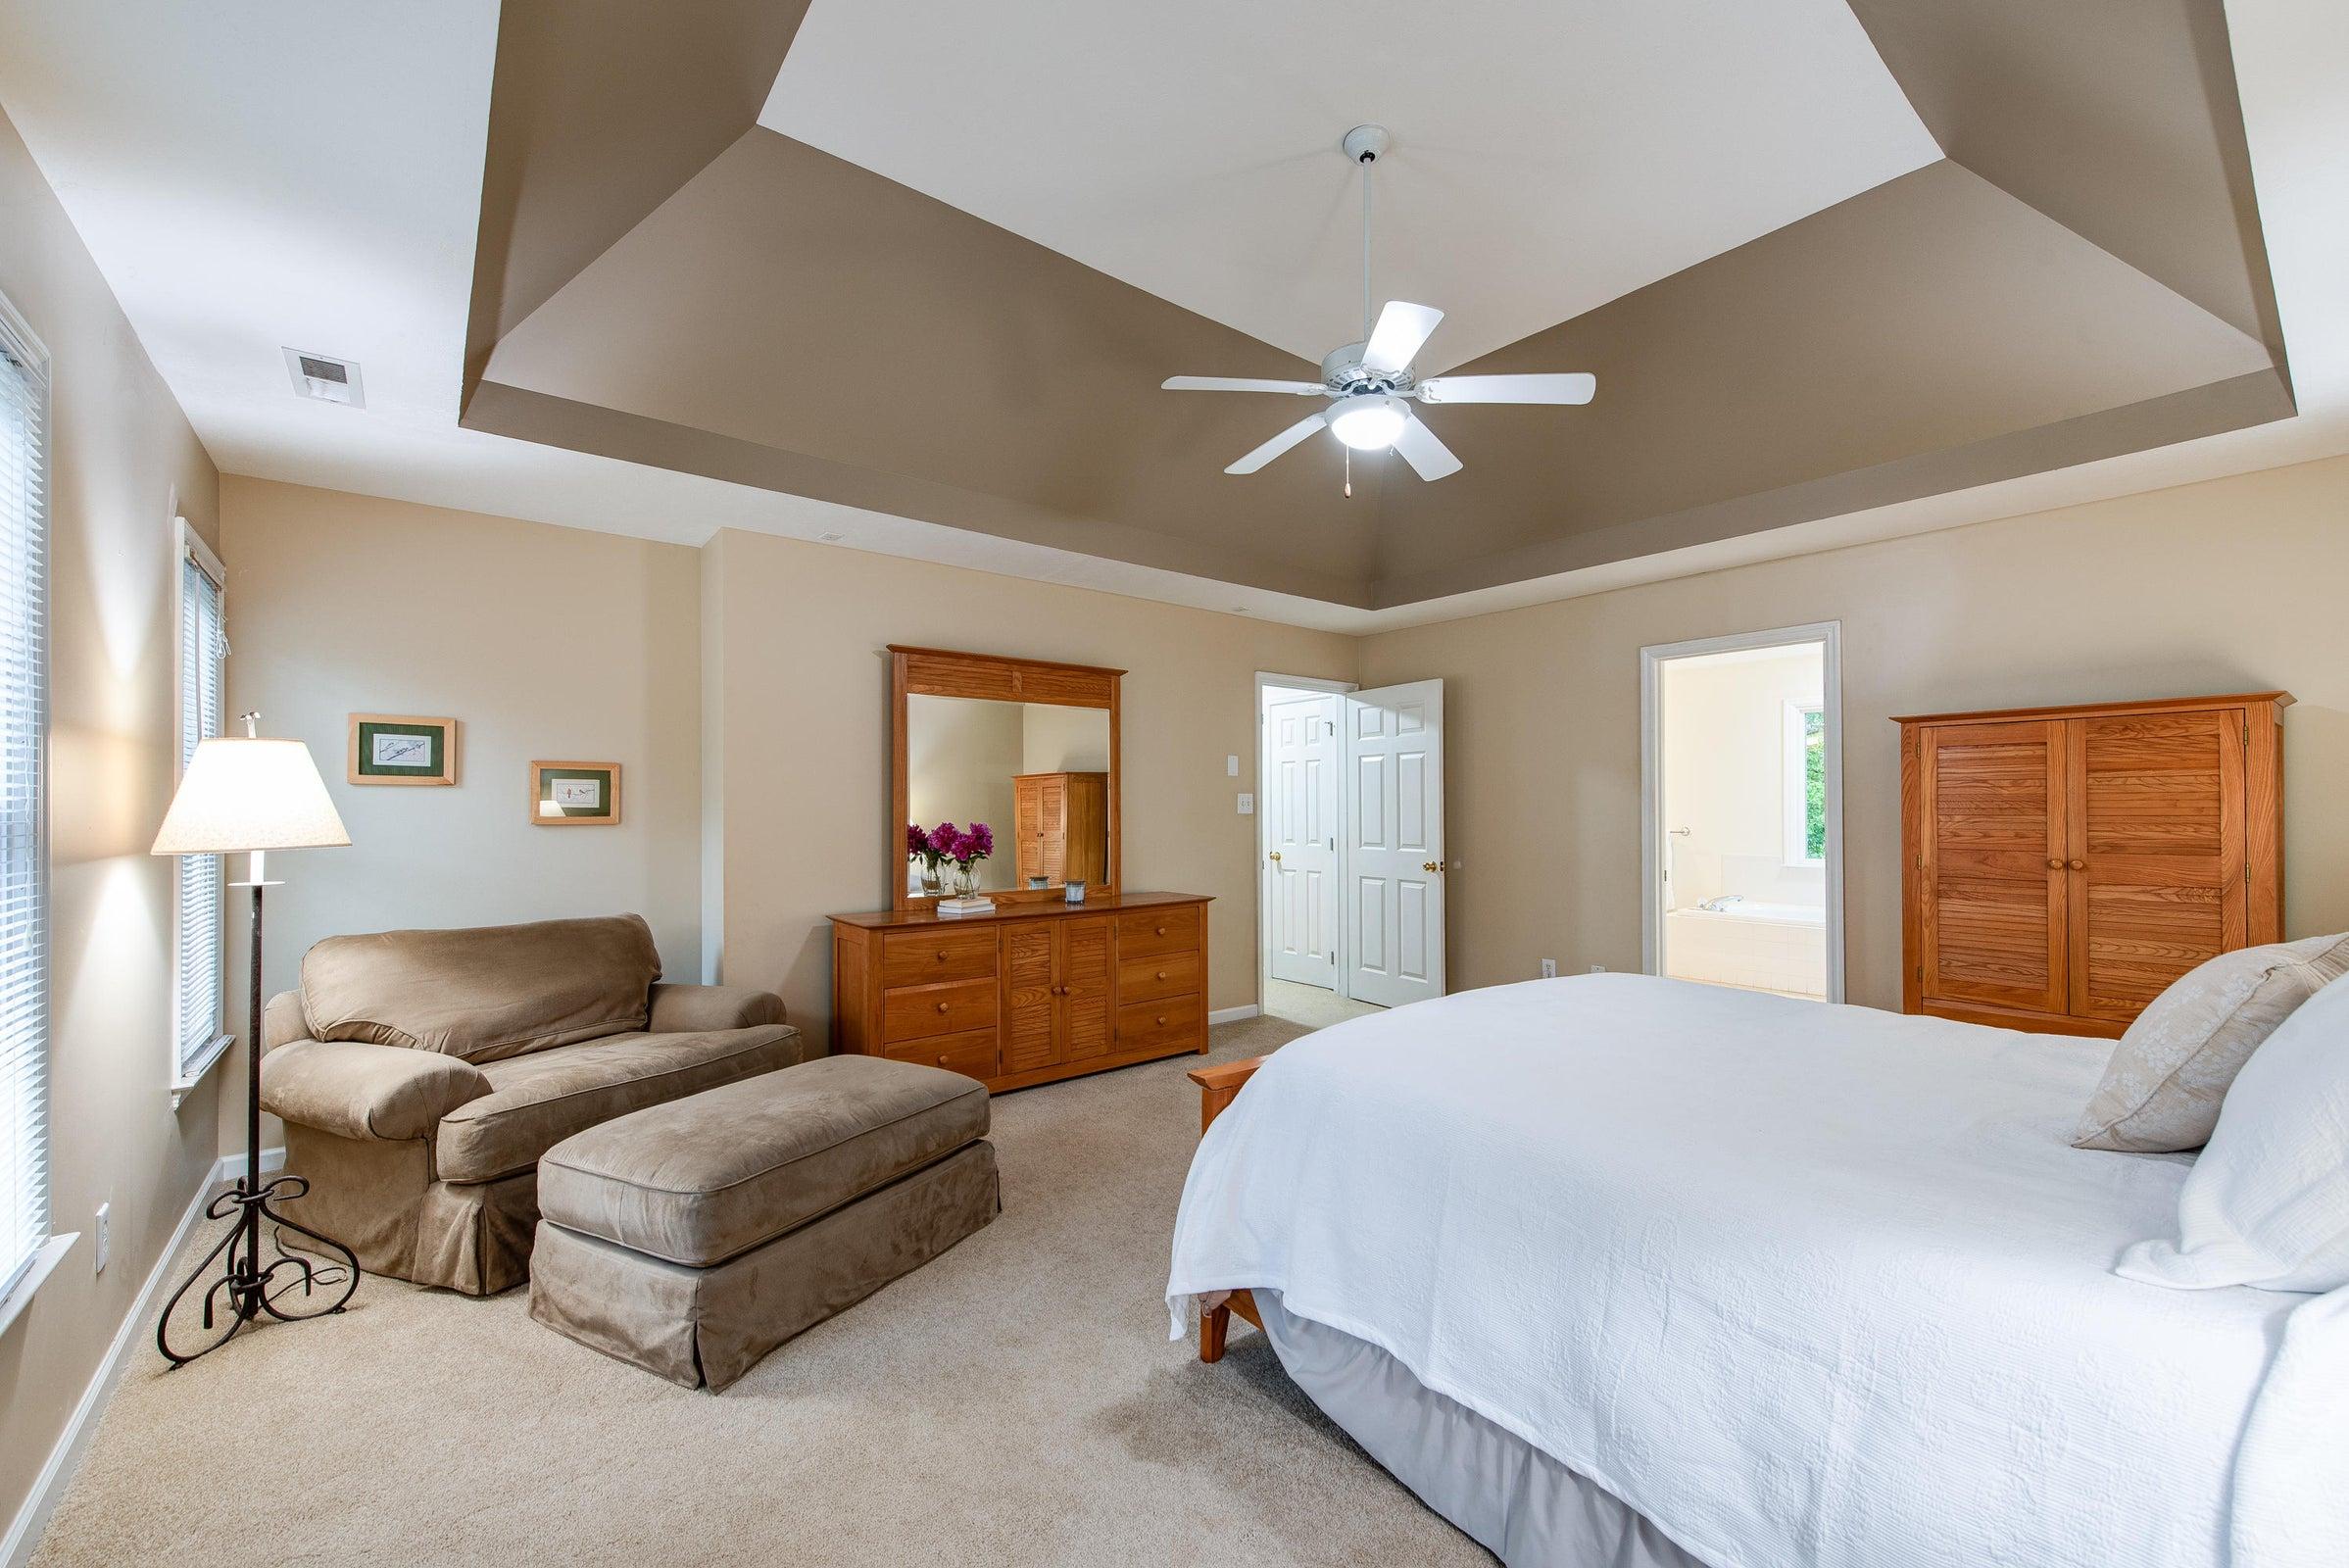 2nd floor - master bedroom 1